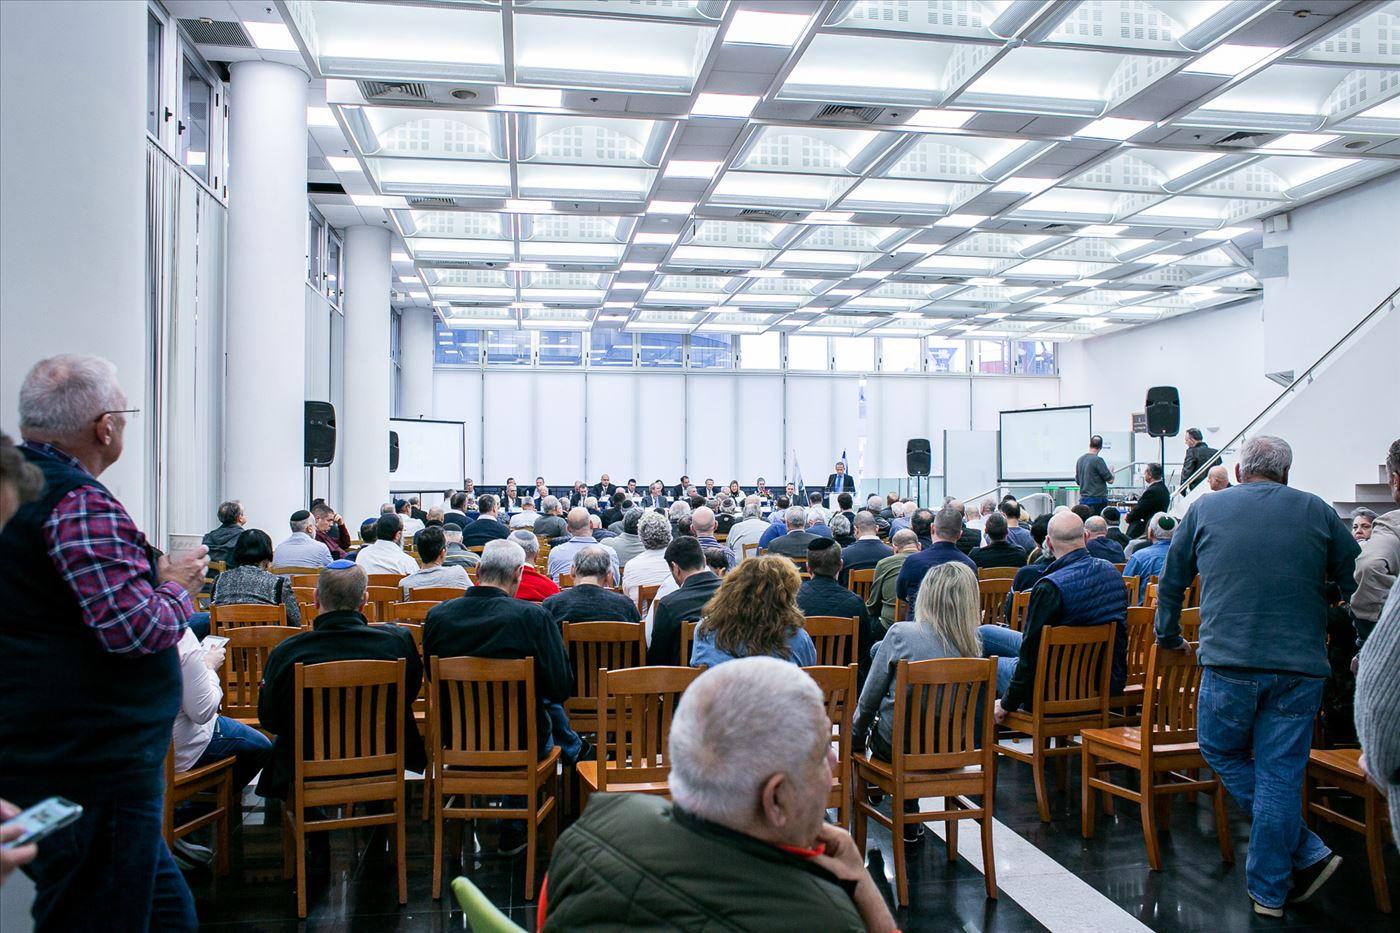 גלרייה - האסיפה הכללית ה-70 תמונה 232 מתוך 239